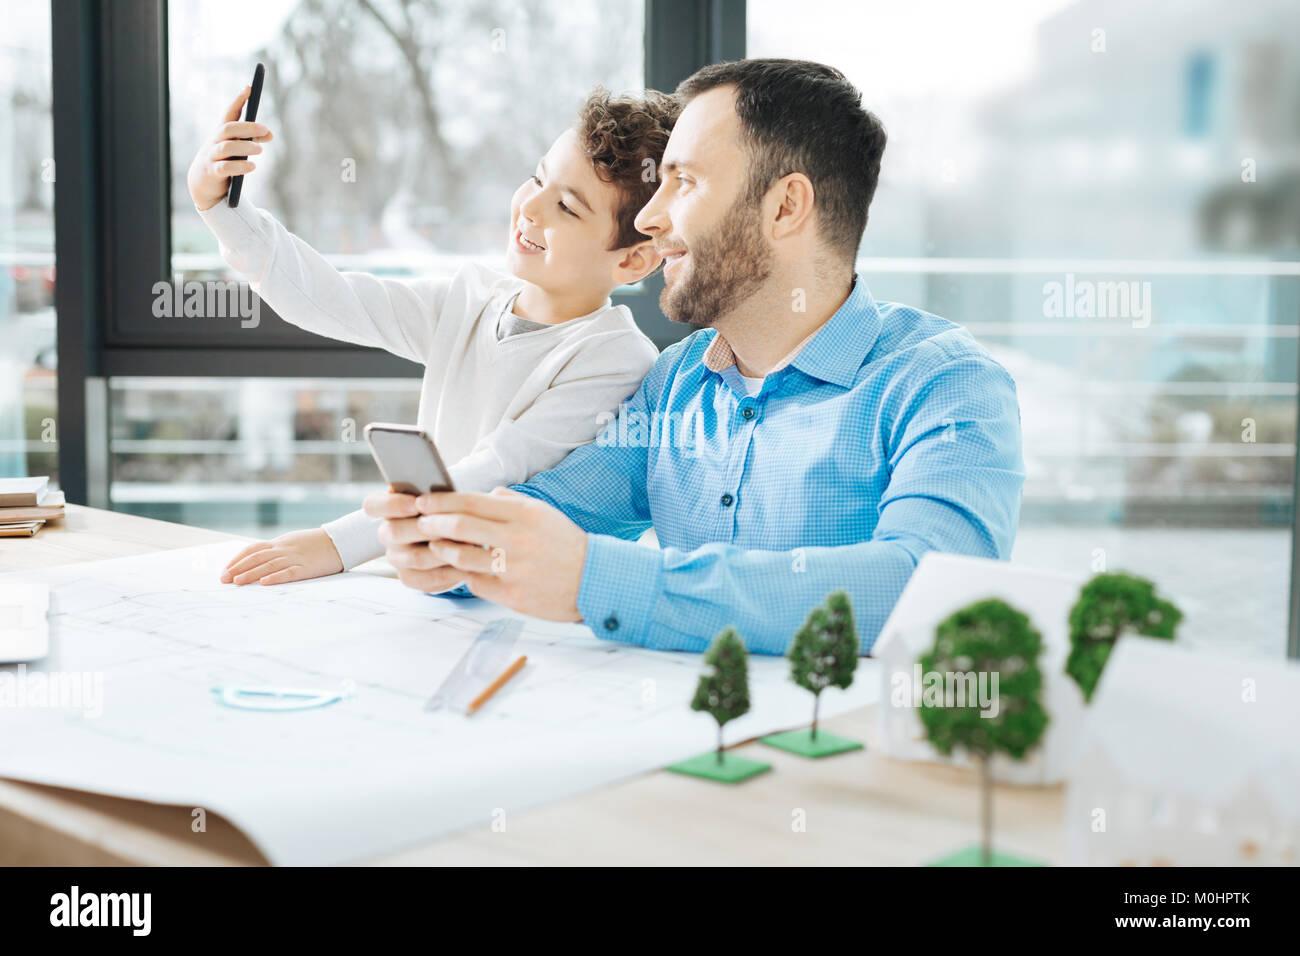 Allegro ragazzo prendendo un selfie con suo padre a lavoro Immagini Stock